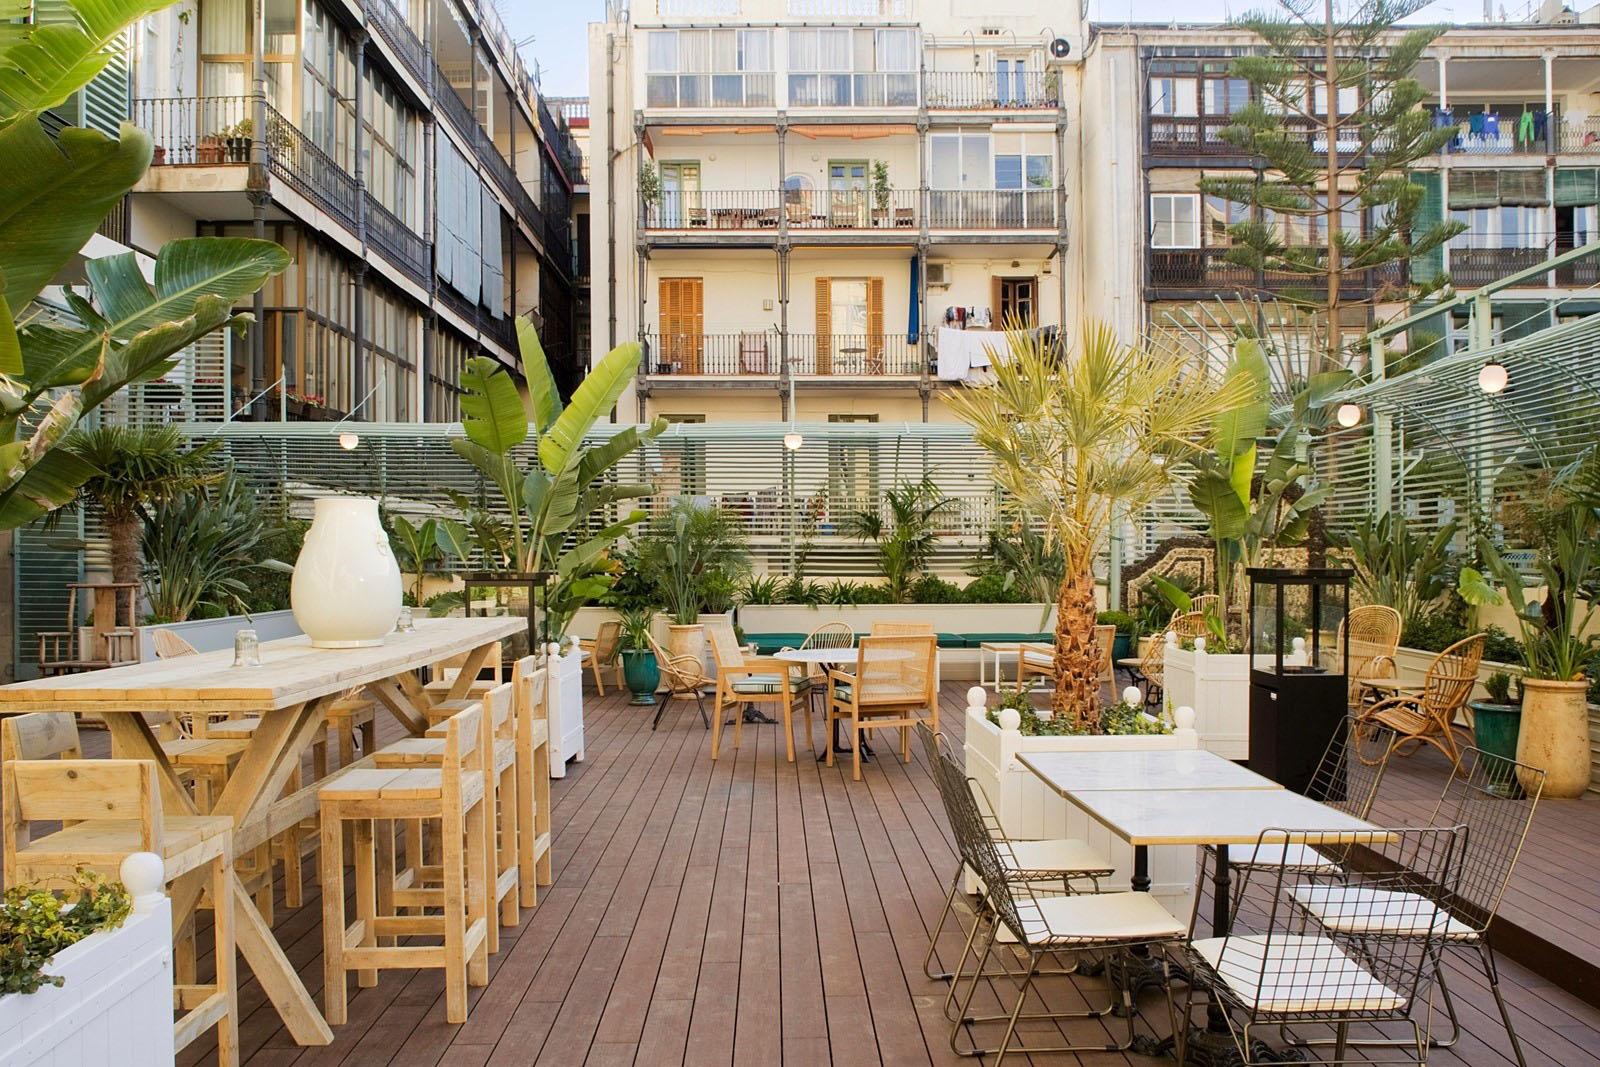 Outdoor Terrace Restaurant